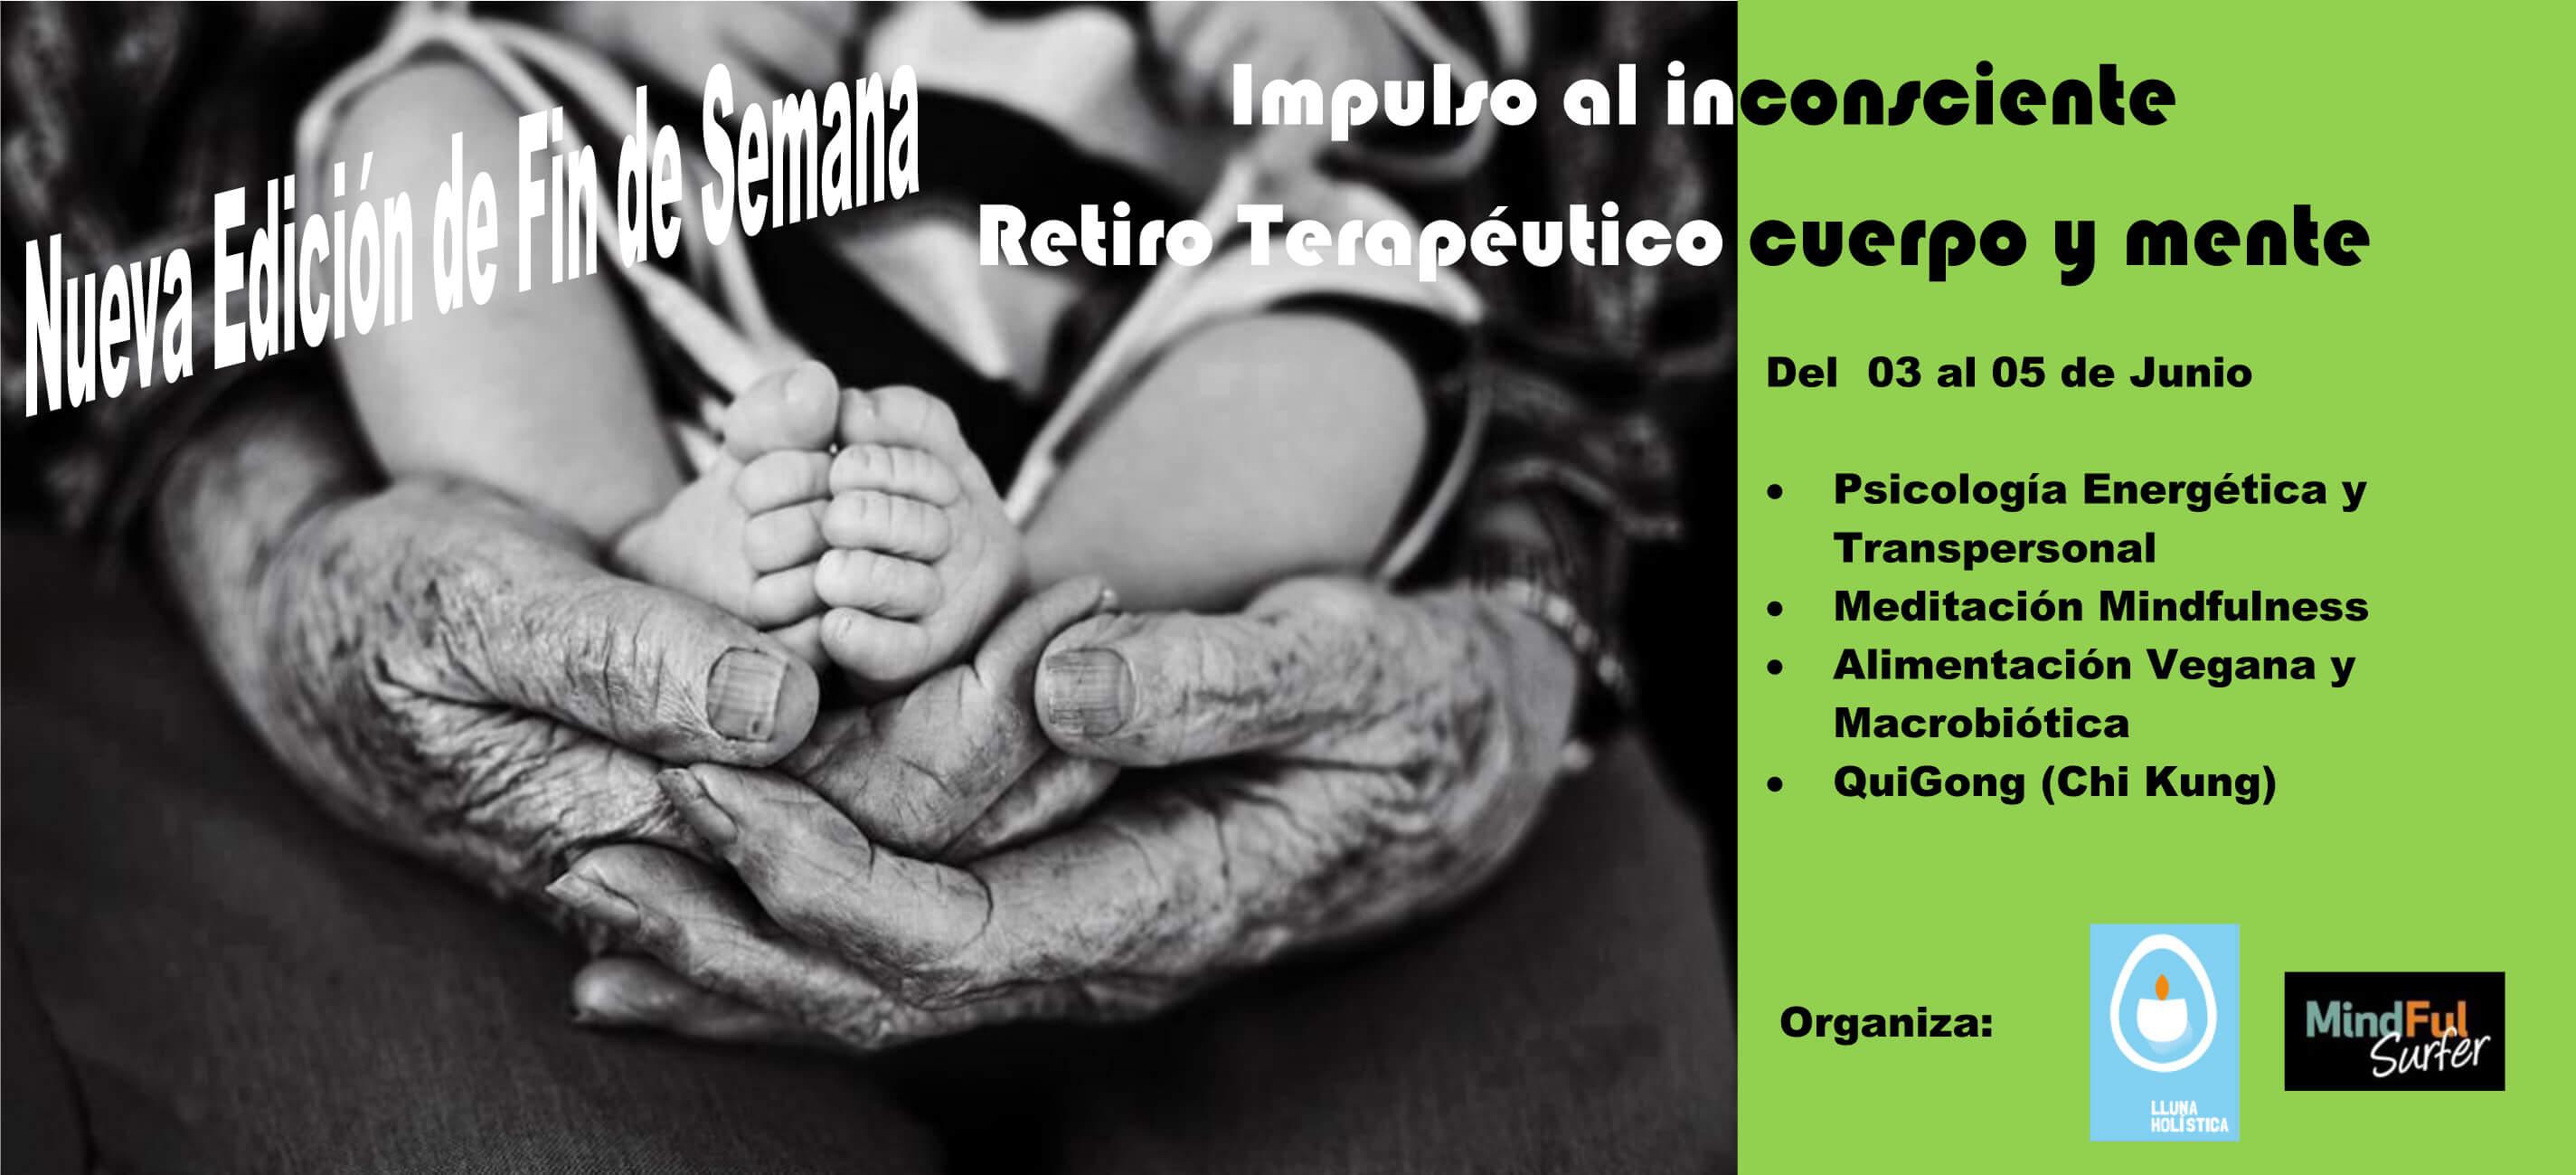 Flyer Retir logos castellà 03-05-06